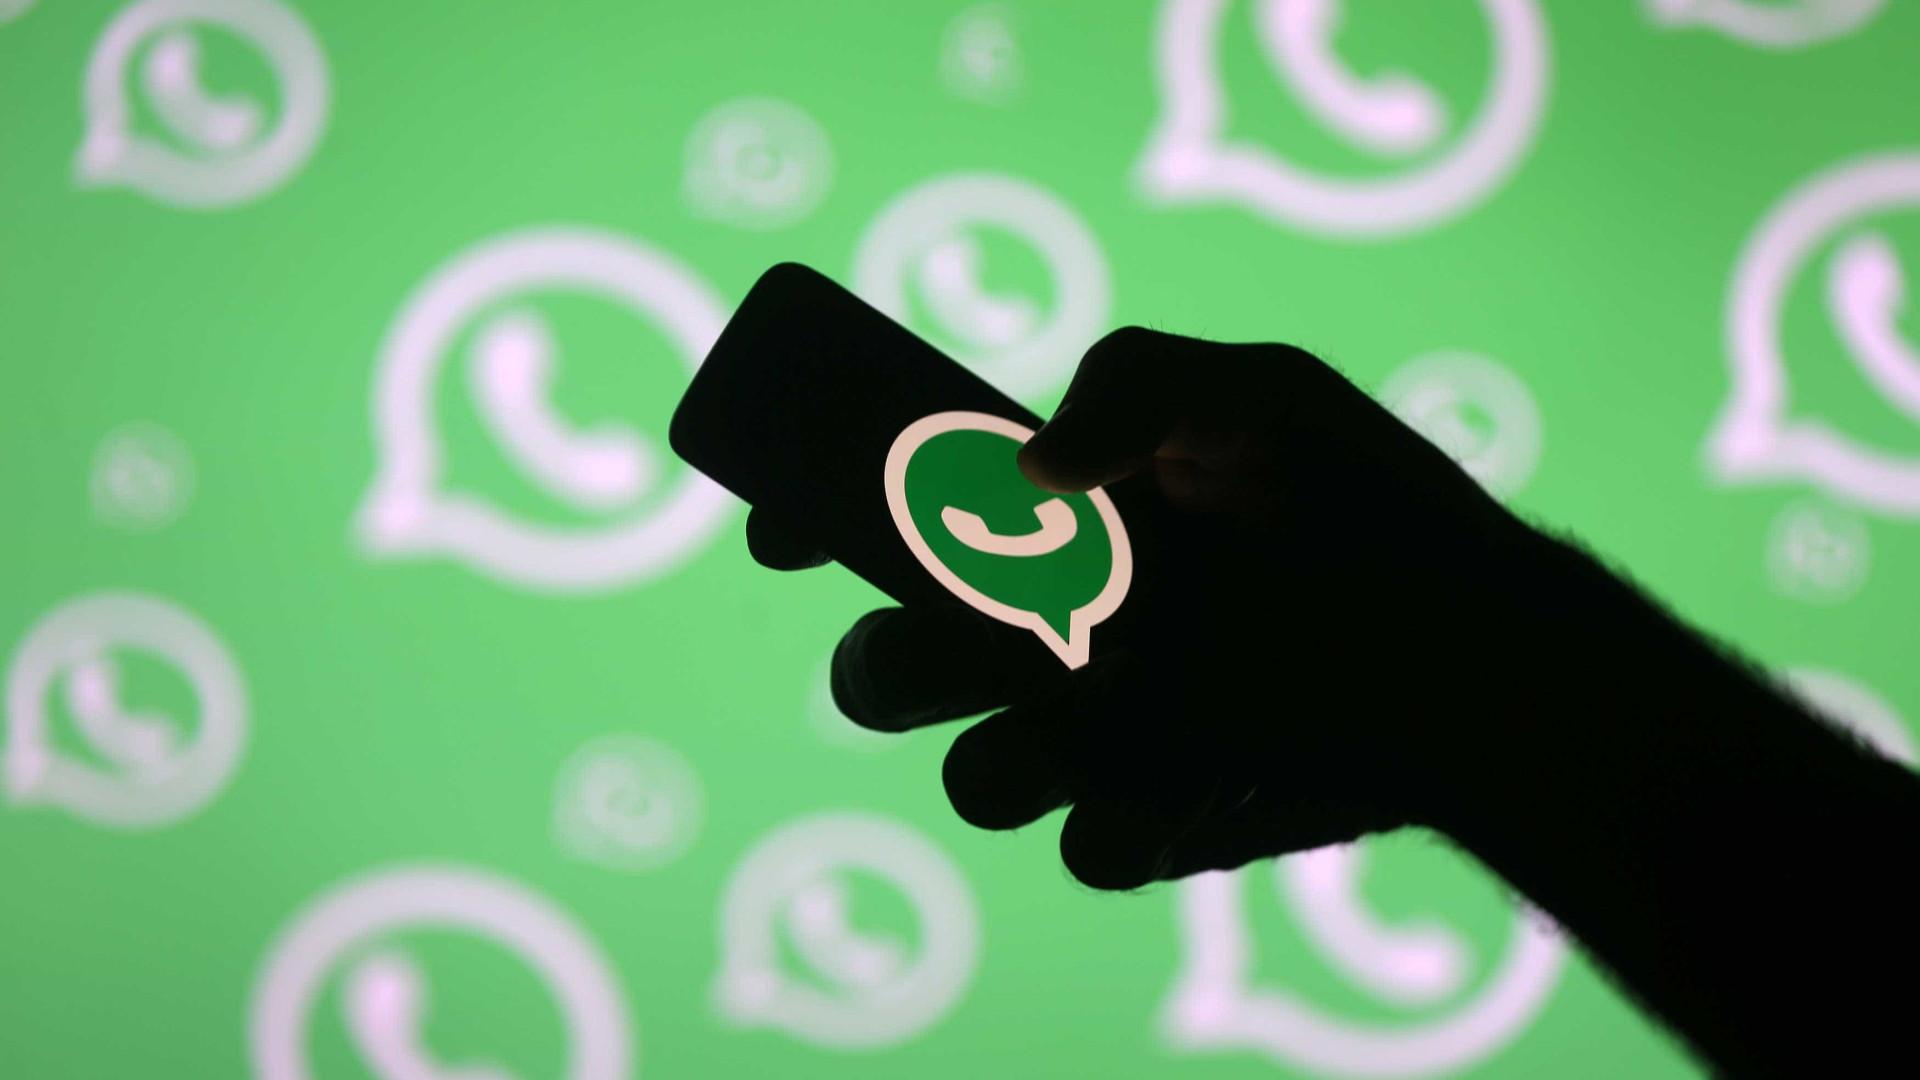 App permite usar figurinhas de time de futebol no WhatsApp